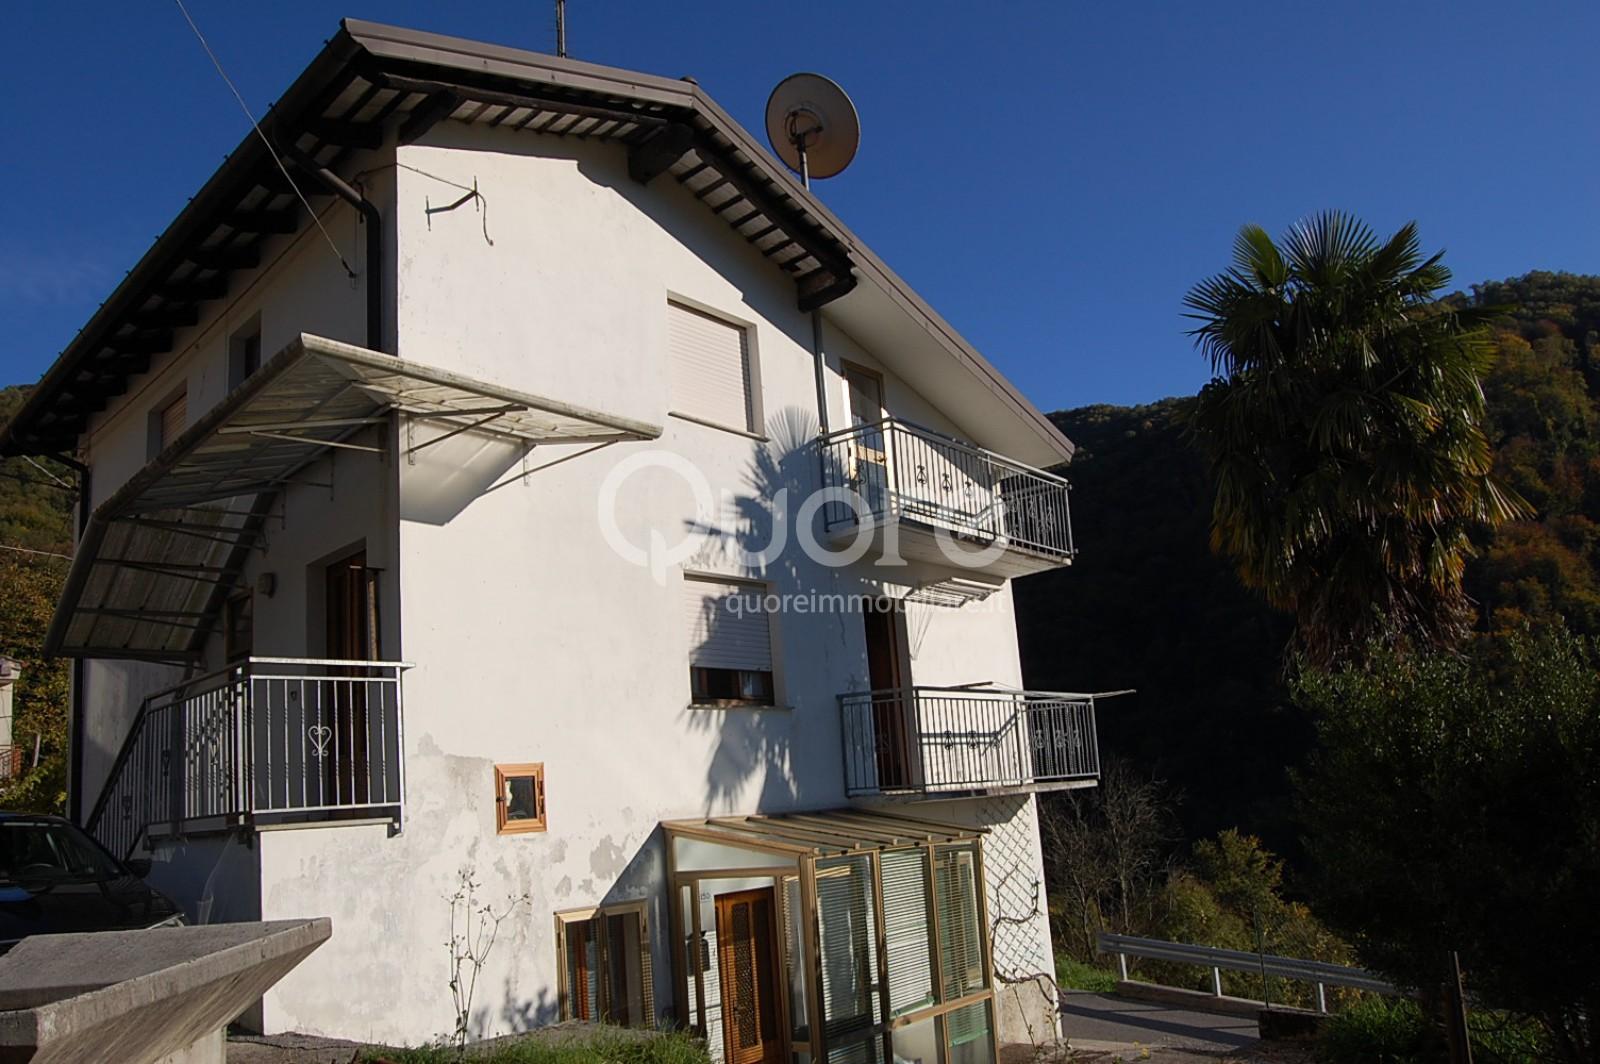 Soluzione Indipendente in vendita a Pulfero, 8 locali, zona Località: Zeiaz, prezzo € 45.000 | Cambio Casa.it